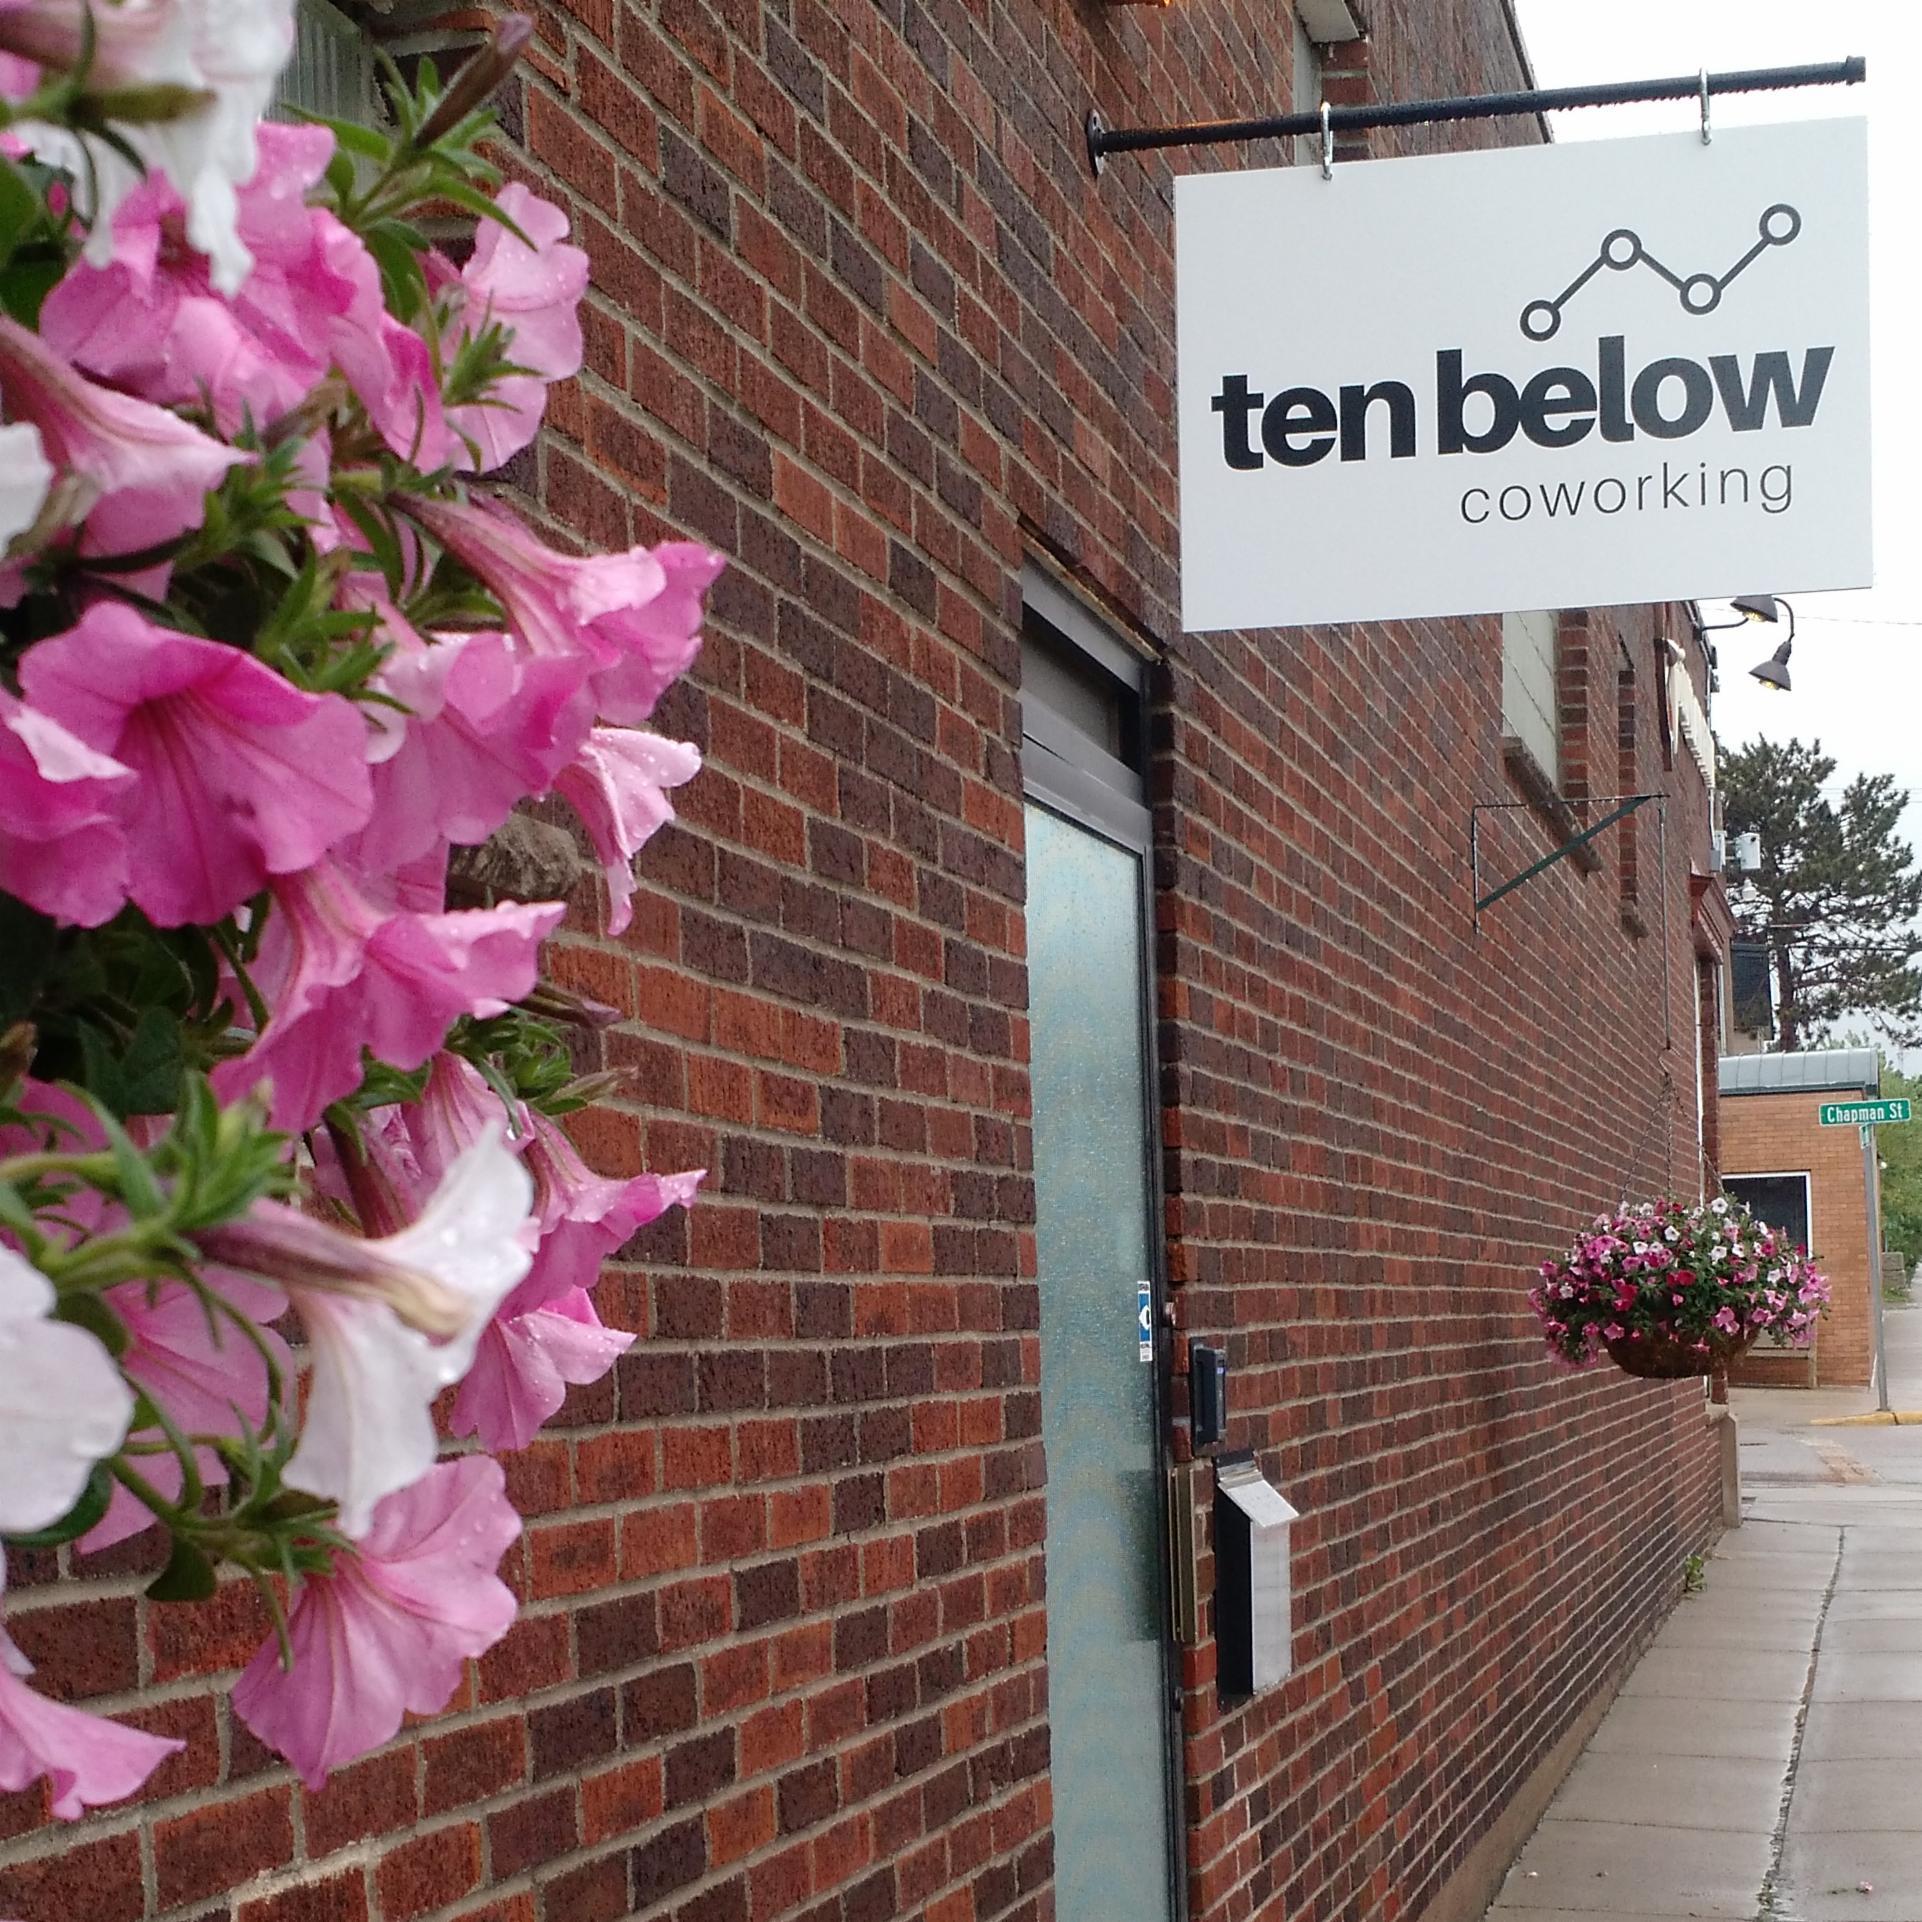 Ten Below Coworking, Ely